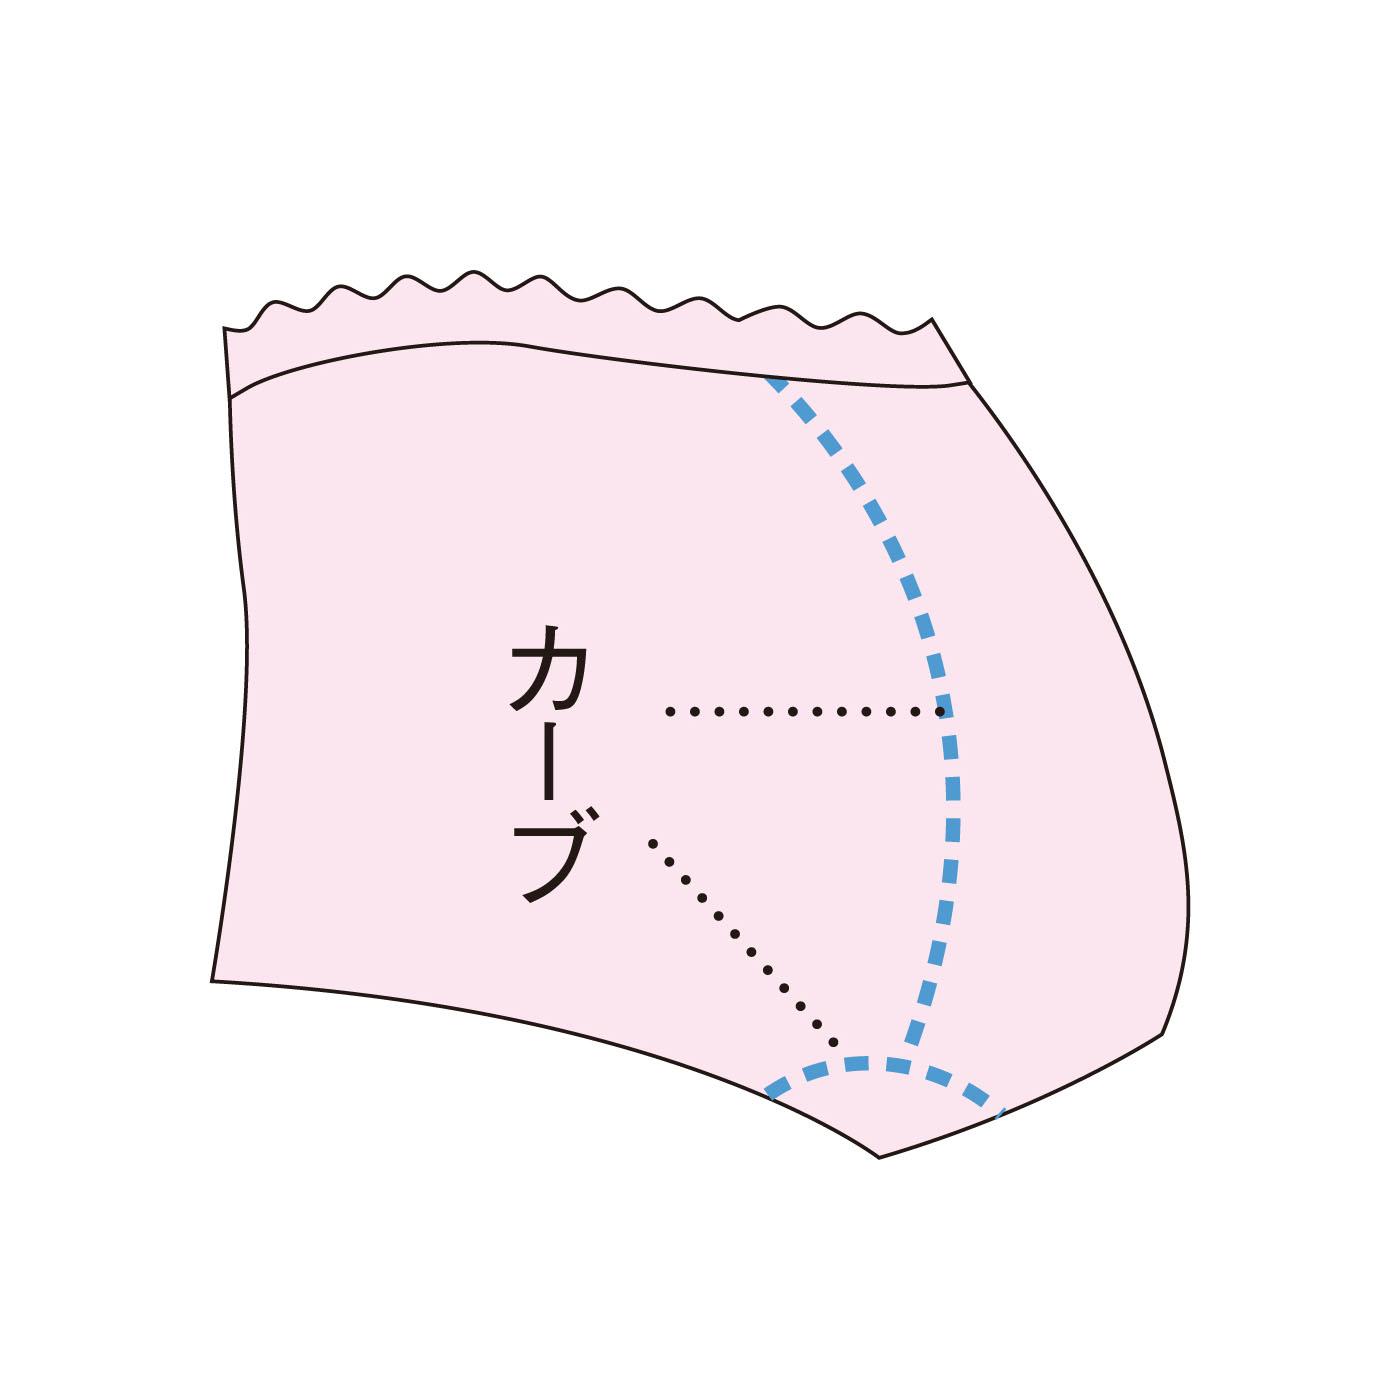 バック中央およびクロッチ後ろの縫製をカーブ状にすることで、おしりのラインに沿ってきちんと包み込みます。